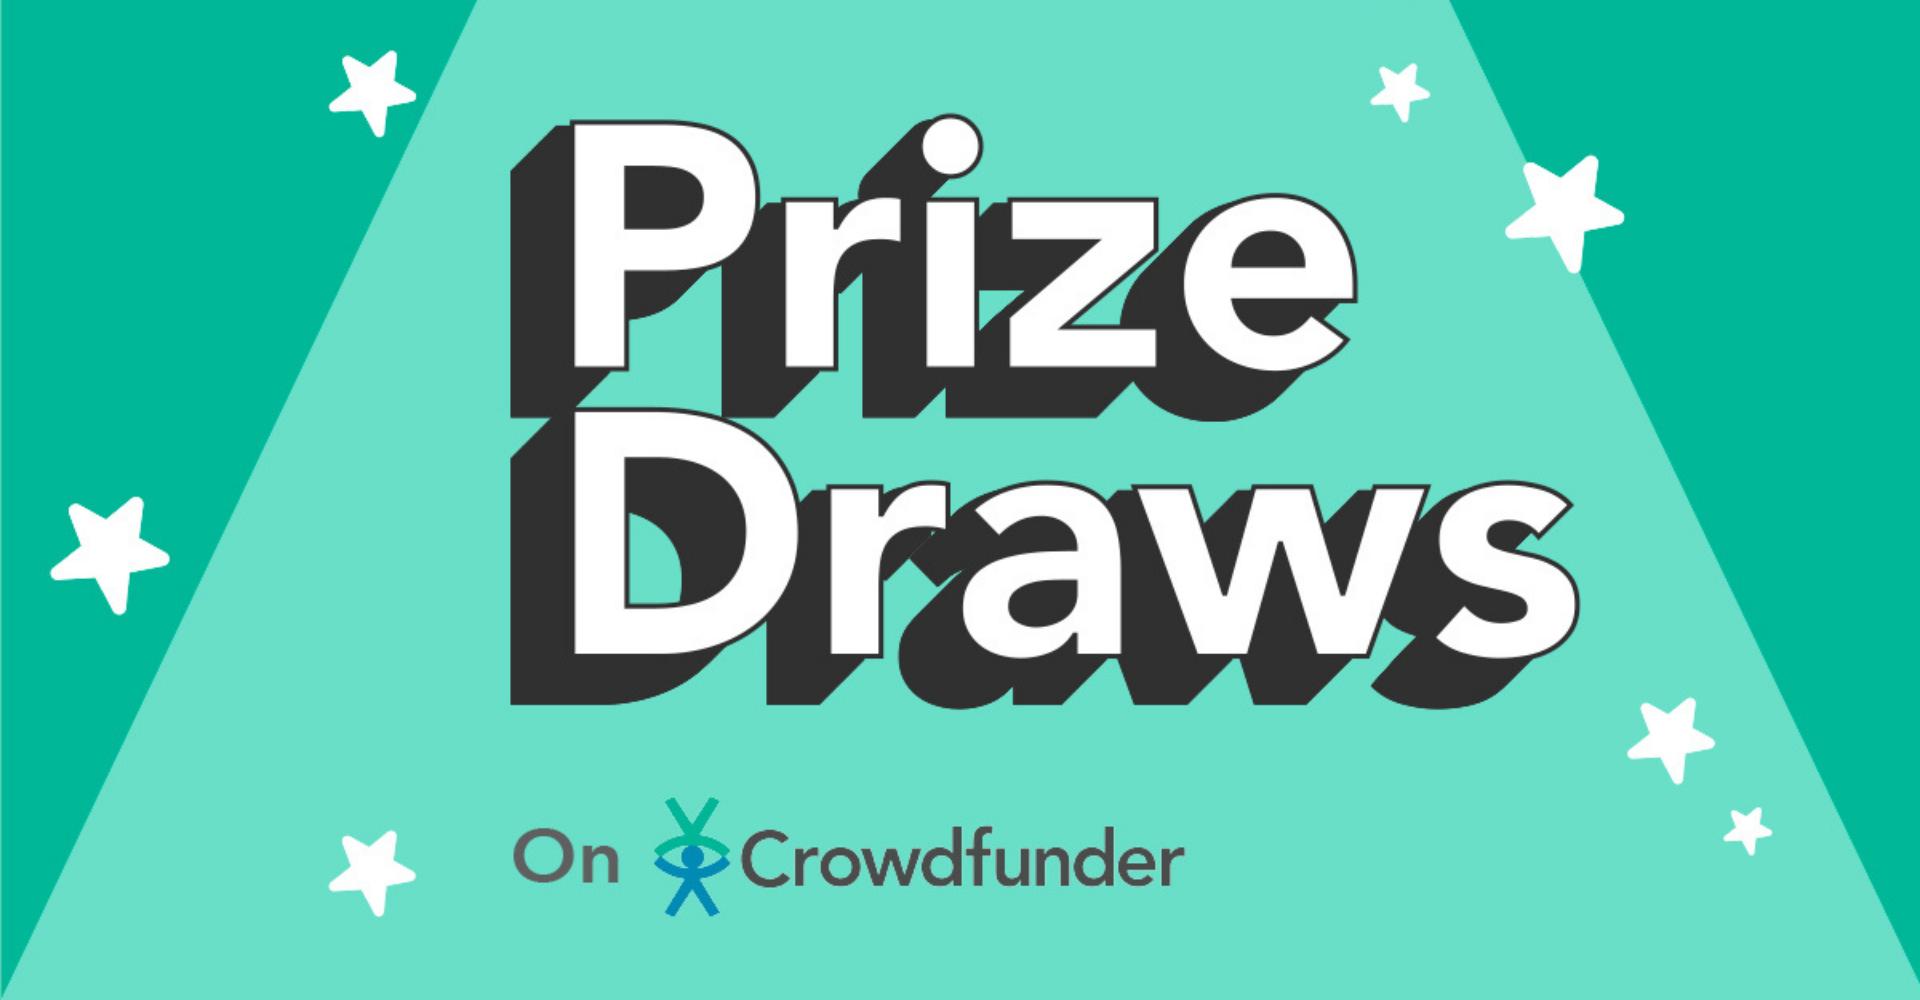 Prize draws on Crowdfunder